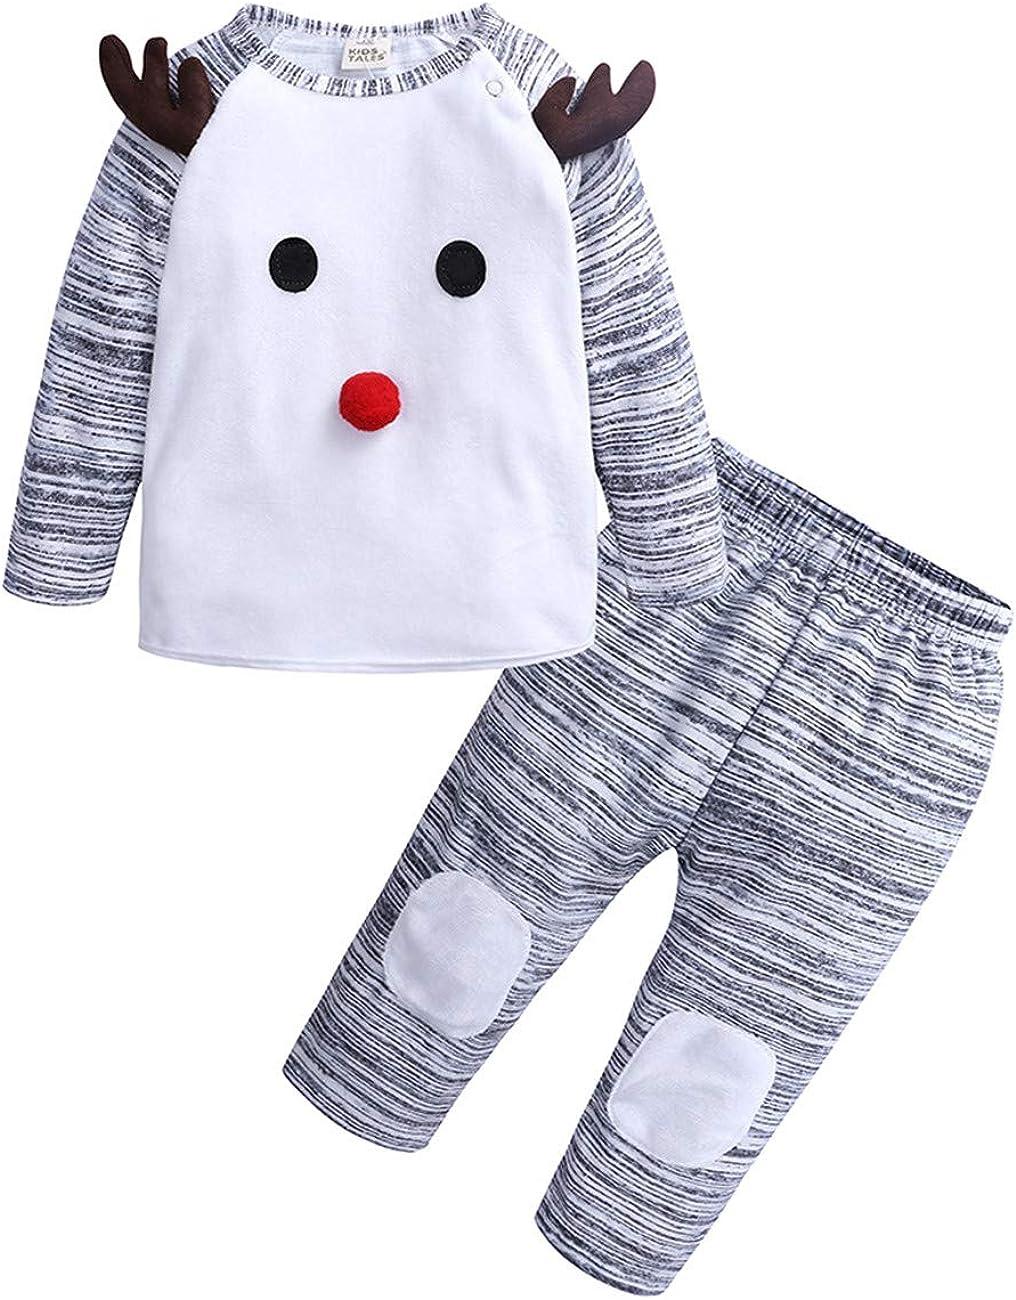 SERAPHY Ropa de Ciervos navideños Trajes Bebe niño Conjunto de Top + Pantalones de Dibujos Animados Bebé niña Linda Cosplay Disfraz Regalos para Bebes